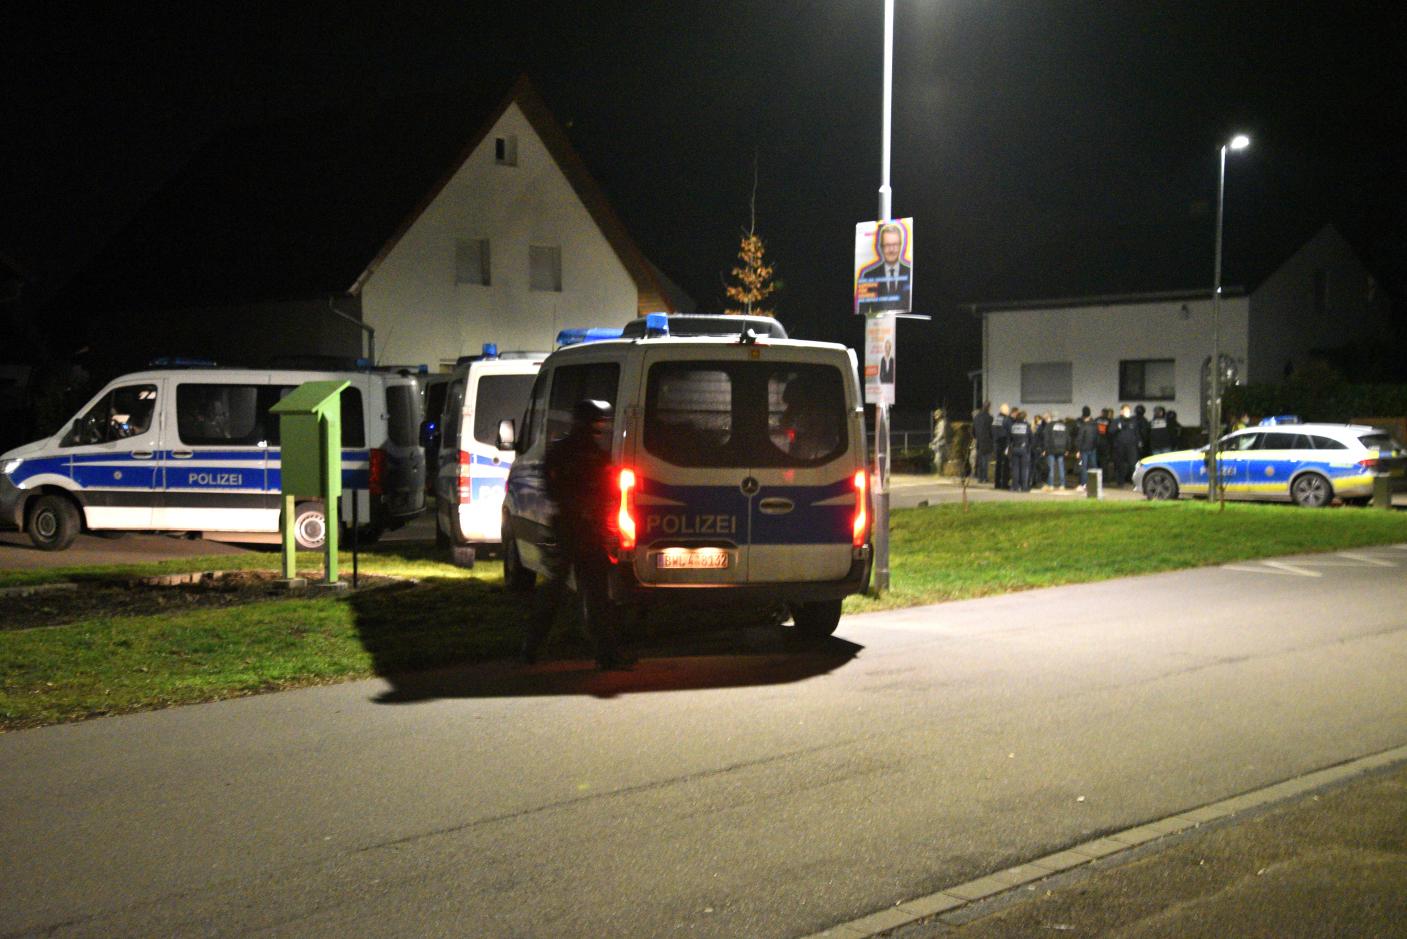 Wiesloch-Frauenweiler: Auseinandersetzung zwischen zwei Männern dringender Verdacht eines versuchten Tötungsdelikts gegen 54-jährigen Tatverdächtigen